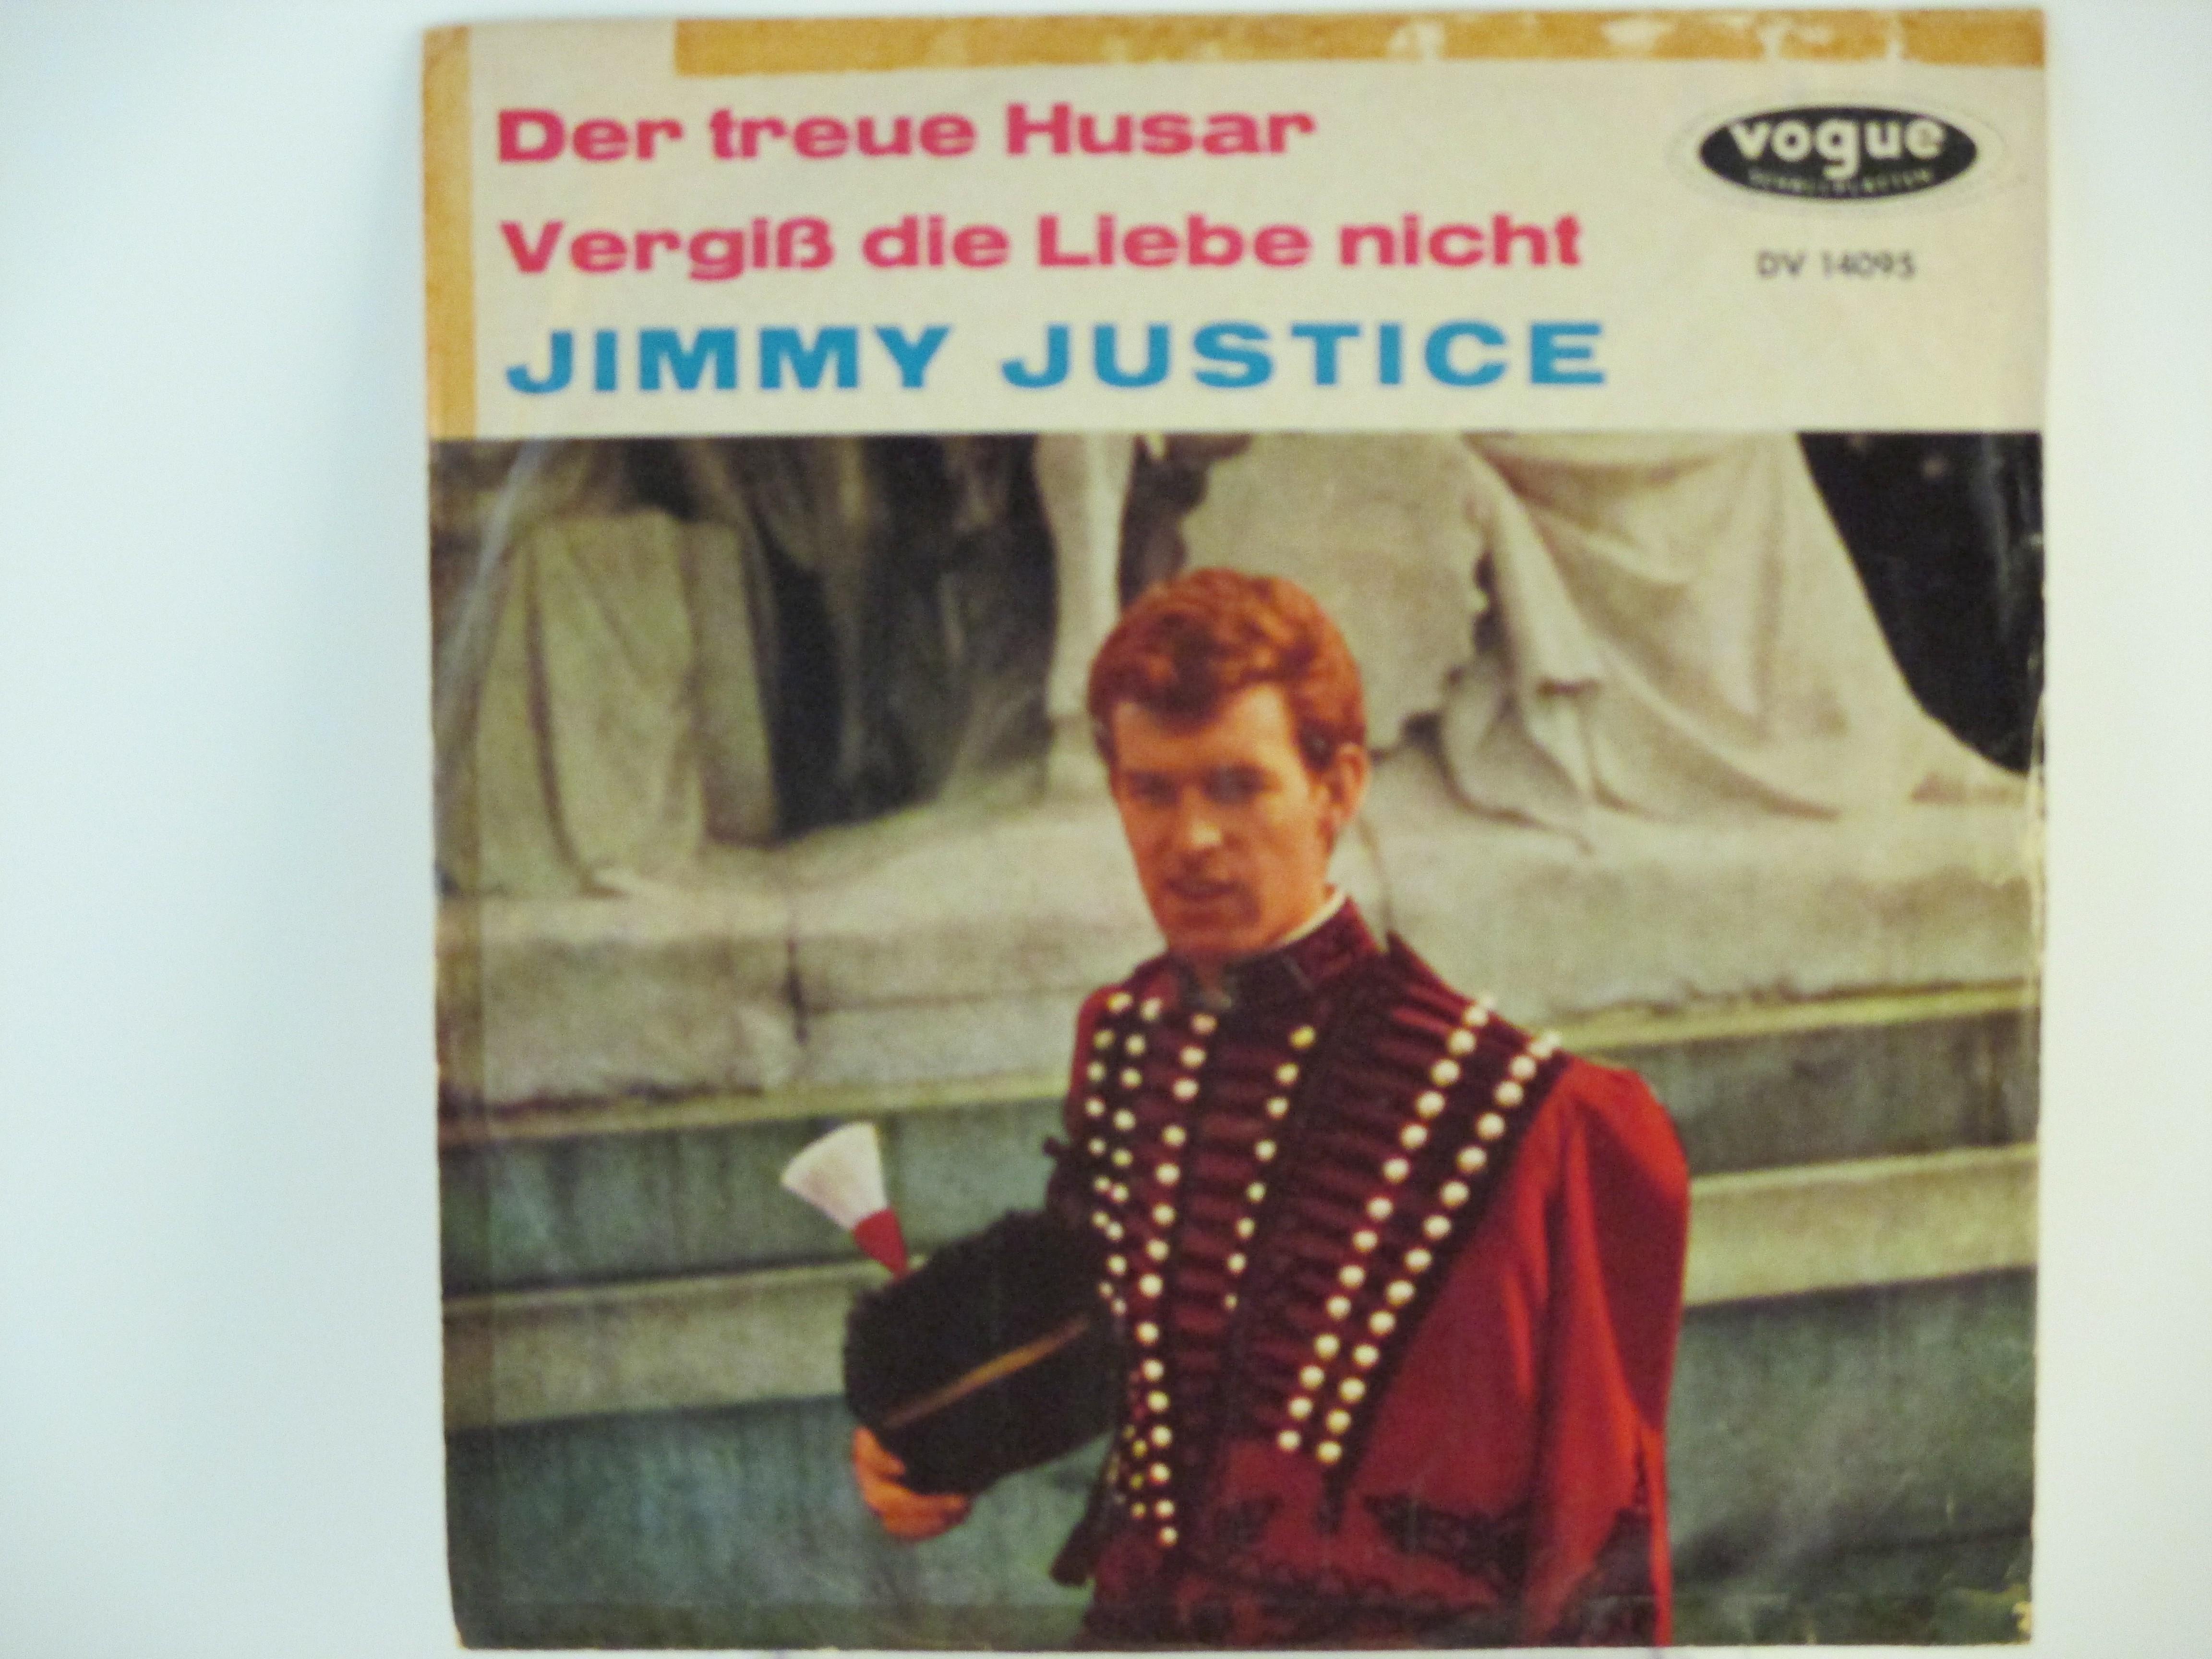 JIMMY JUSTICE : Der treue husar / Vergiss die liebe nicht